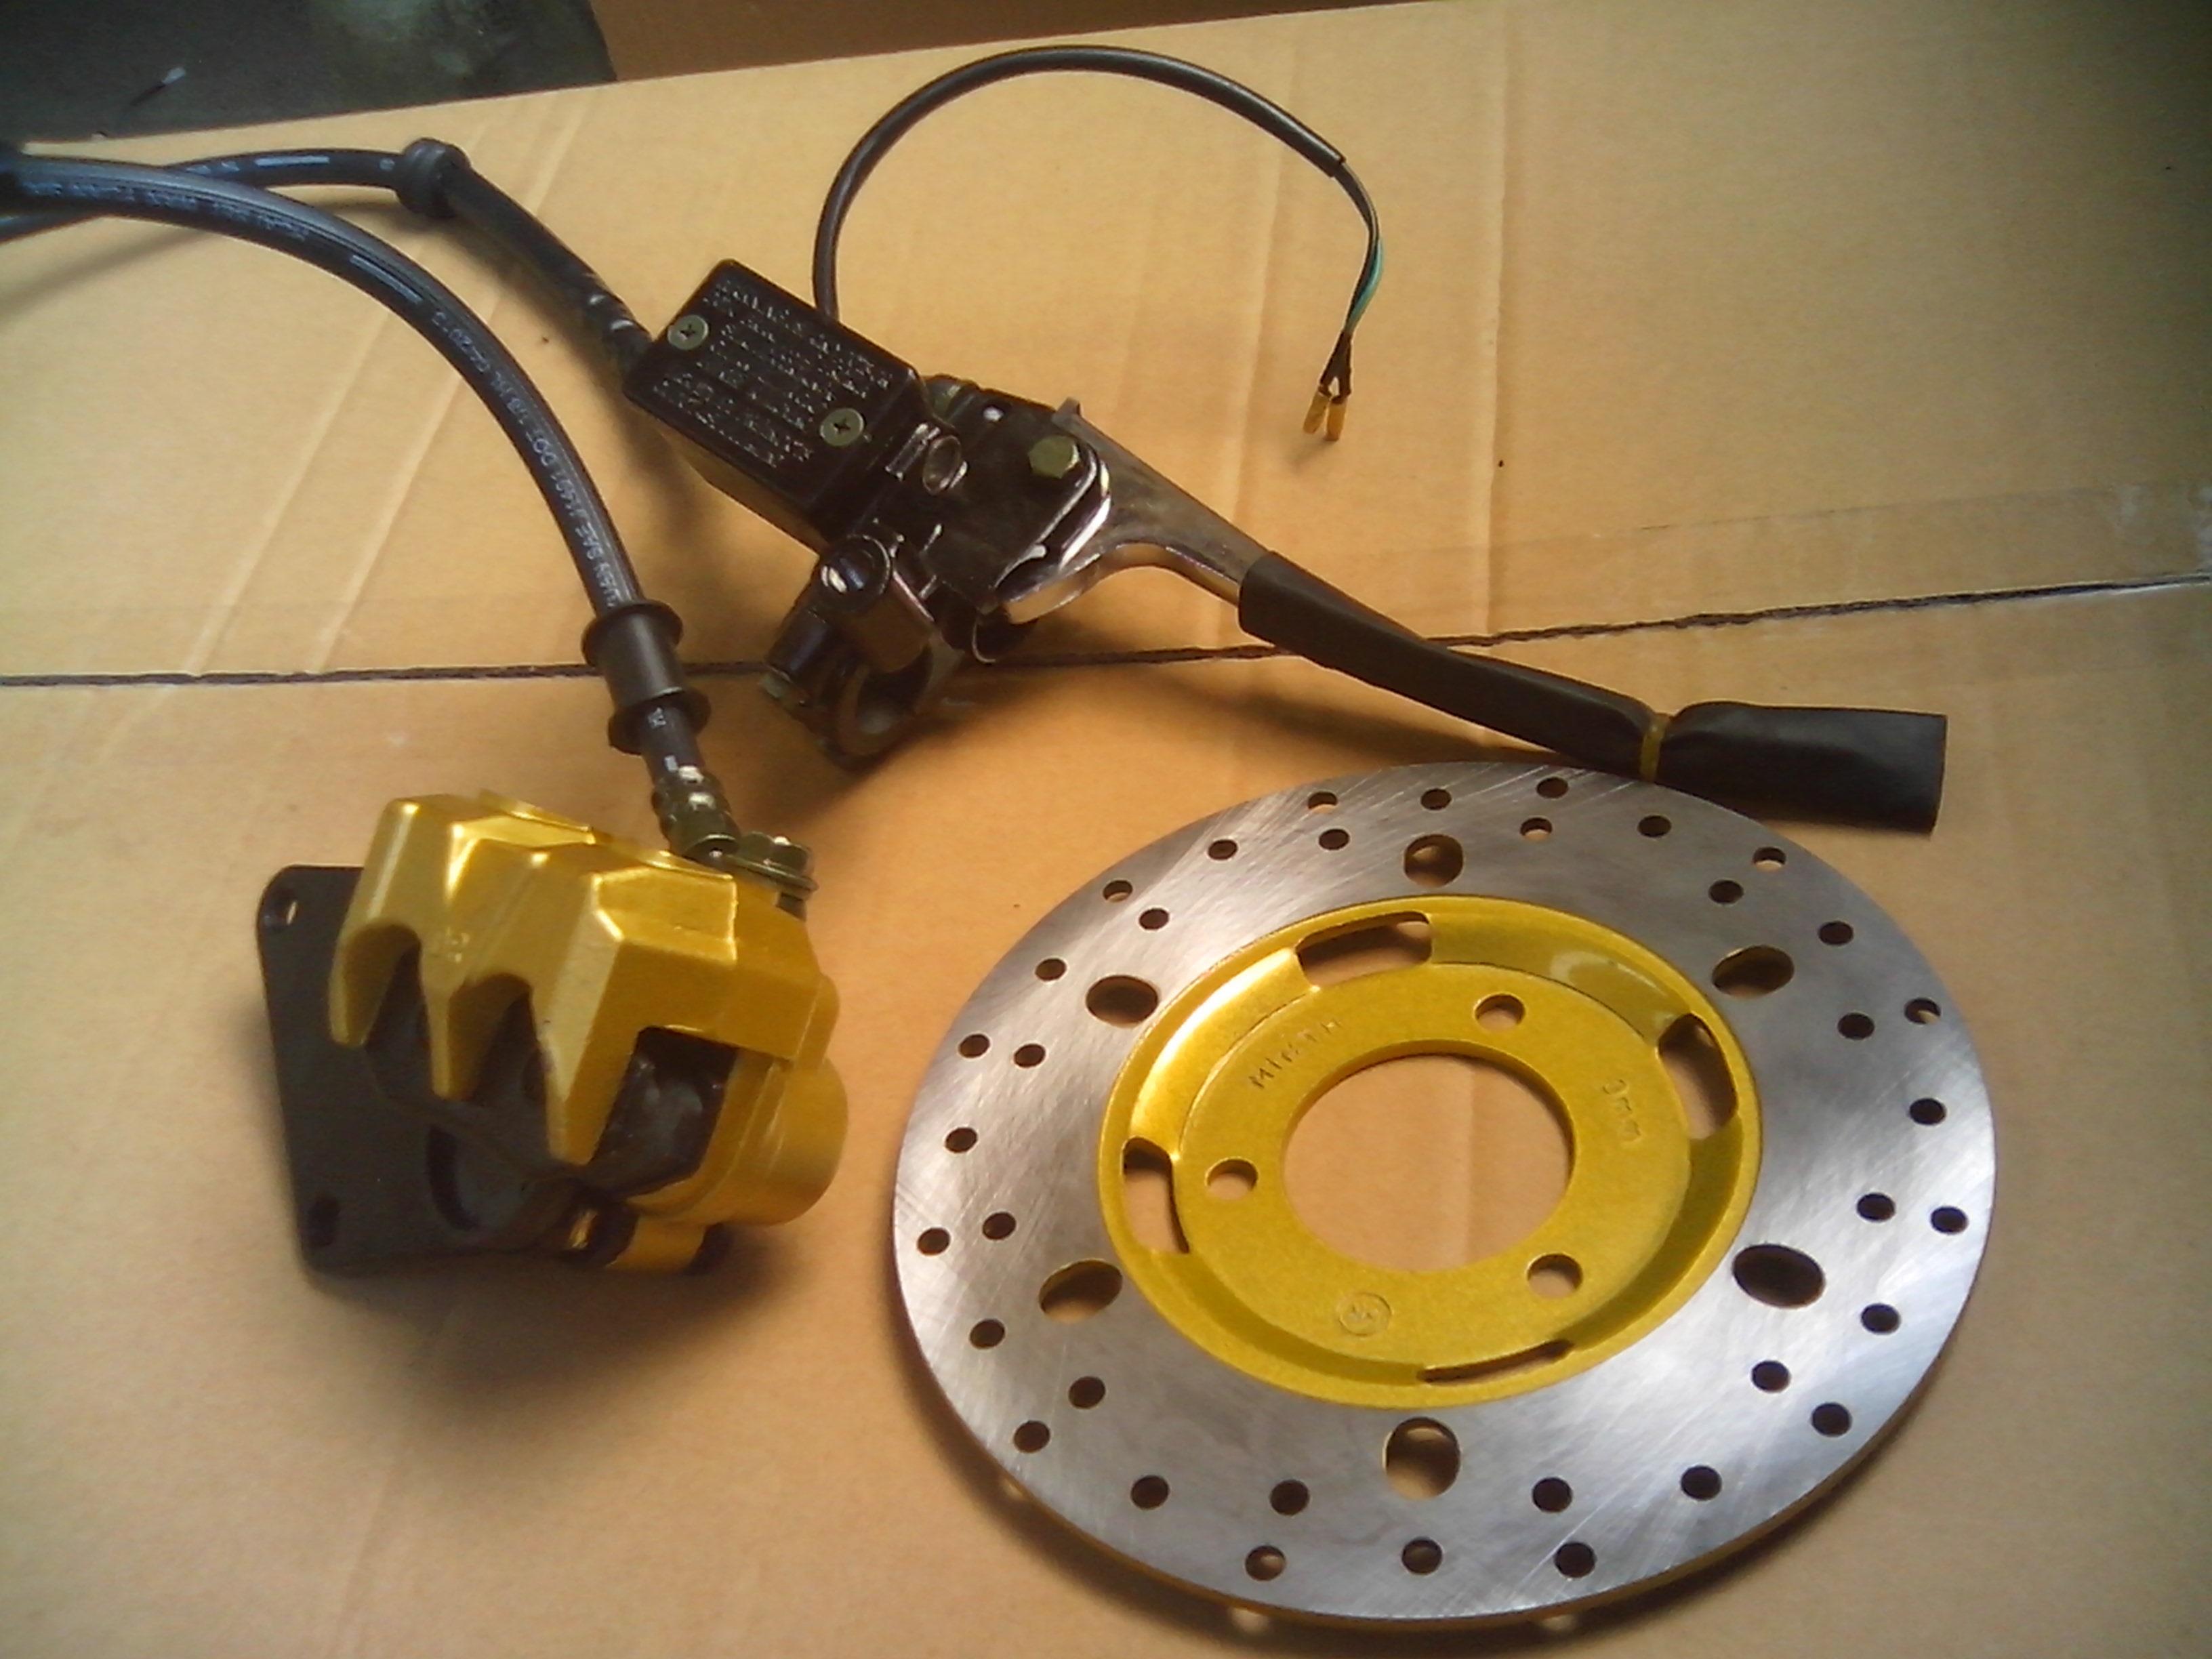 STARPAD мотоцикл дисковый тормоз насос в сборе насос лотка для диска самокат аксессуары Оптовая универсальность